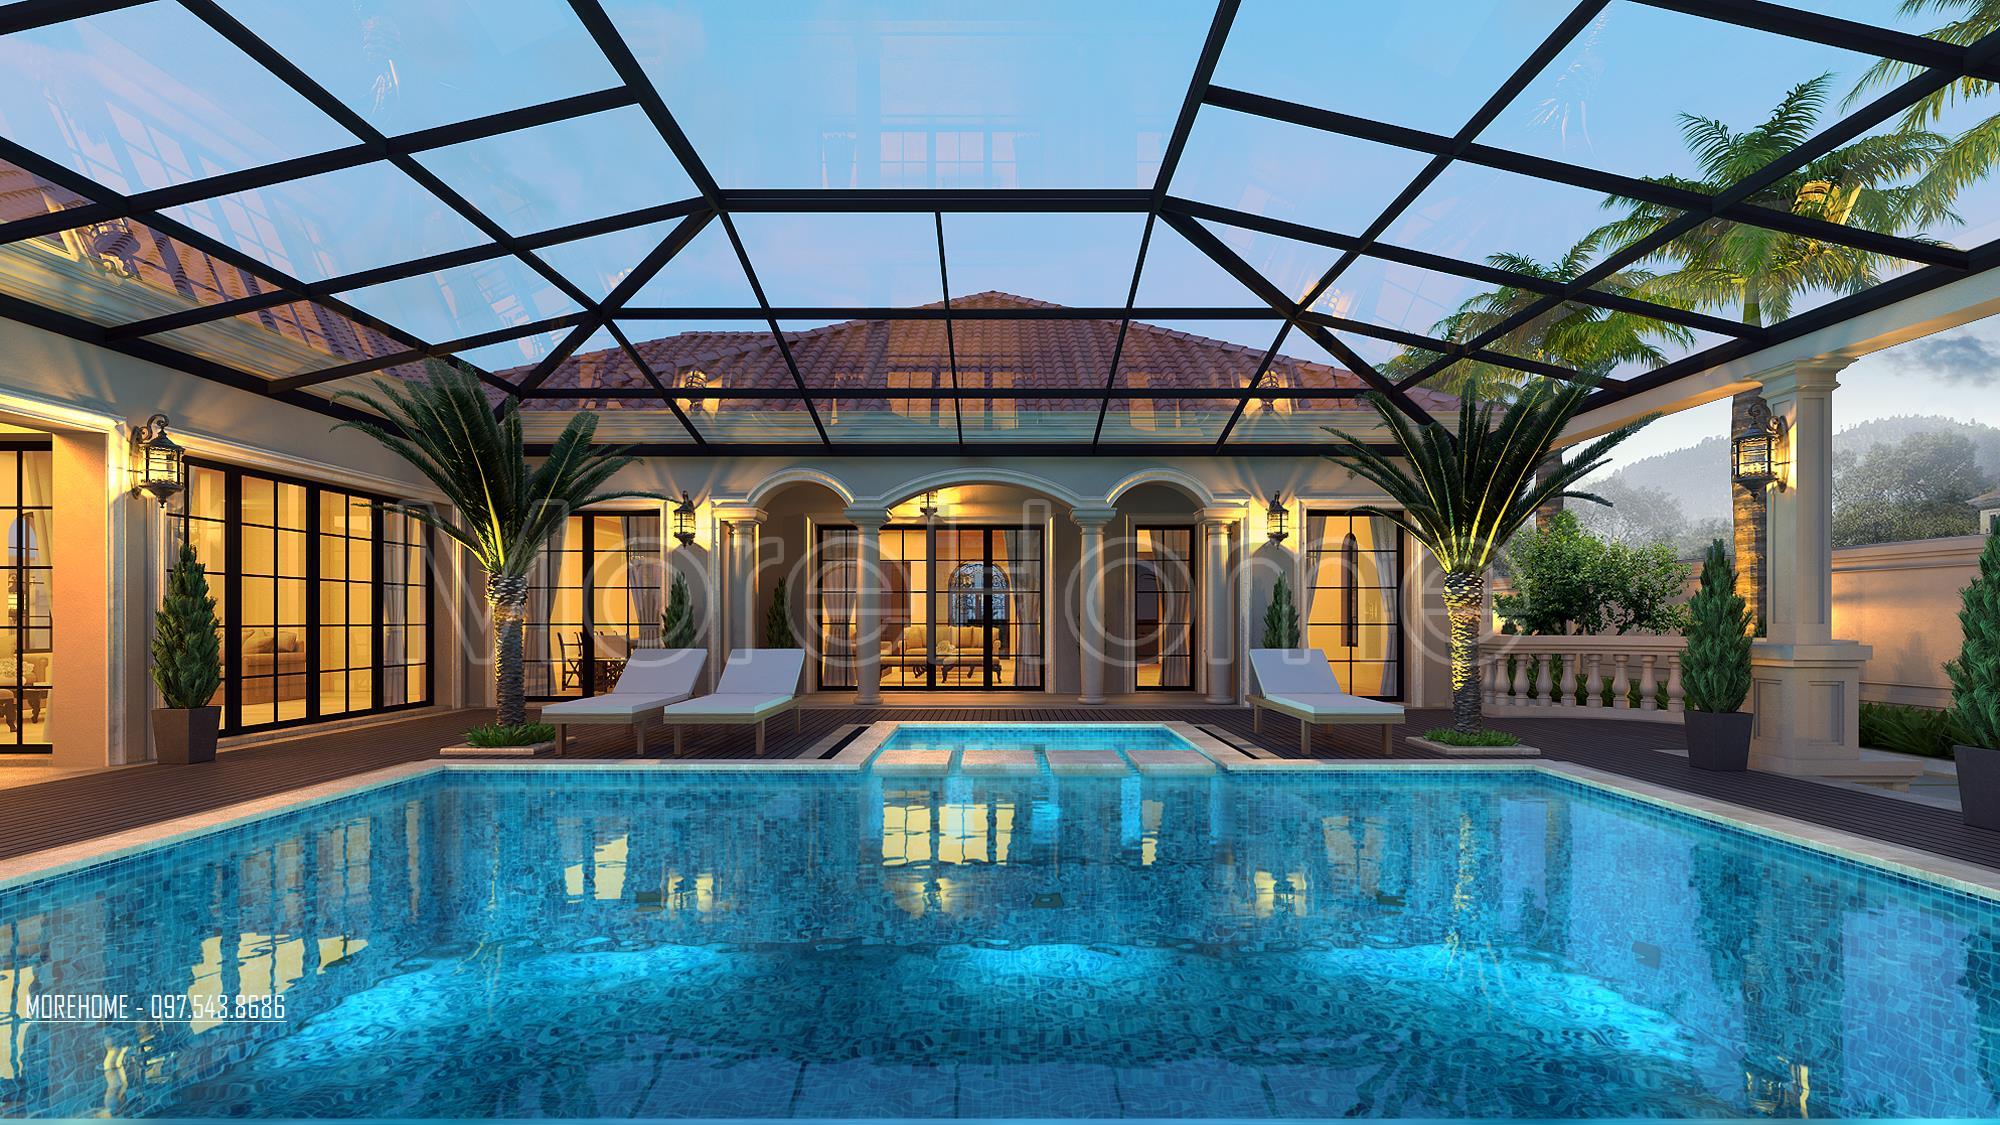 Thiết kế biệt thự nghỉ dưỡng cao cập tại Thanh Hóa